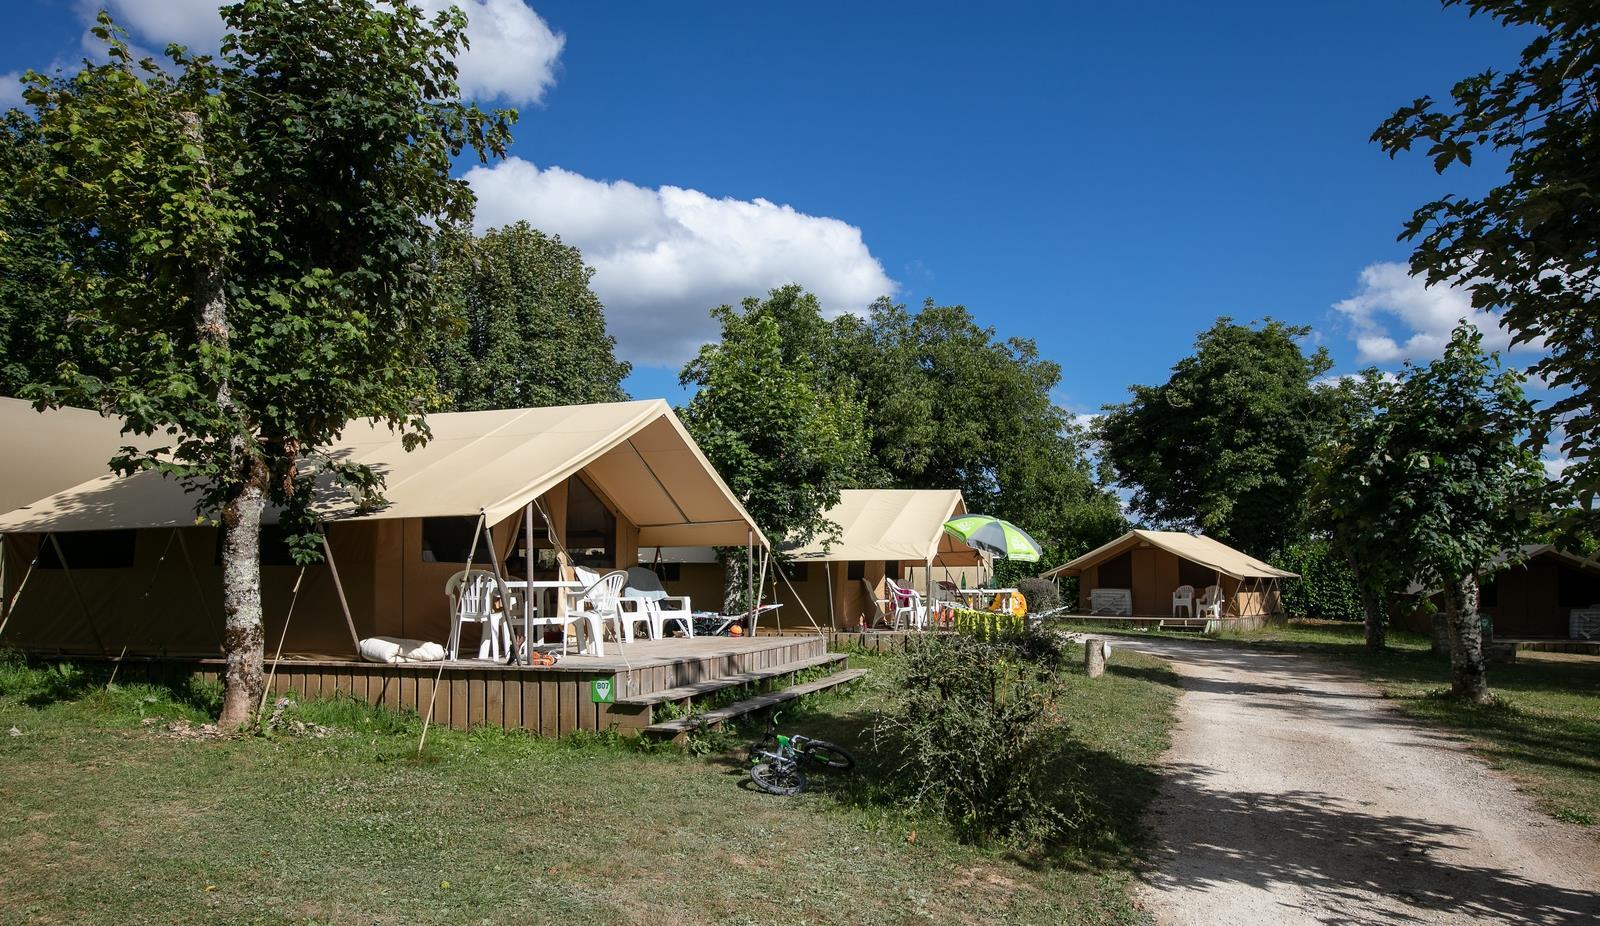 Camping Sites et Paysages le Ventoulou, Thegra, Lot